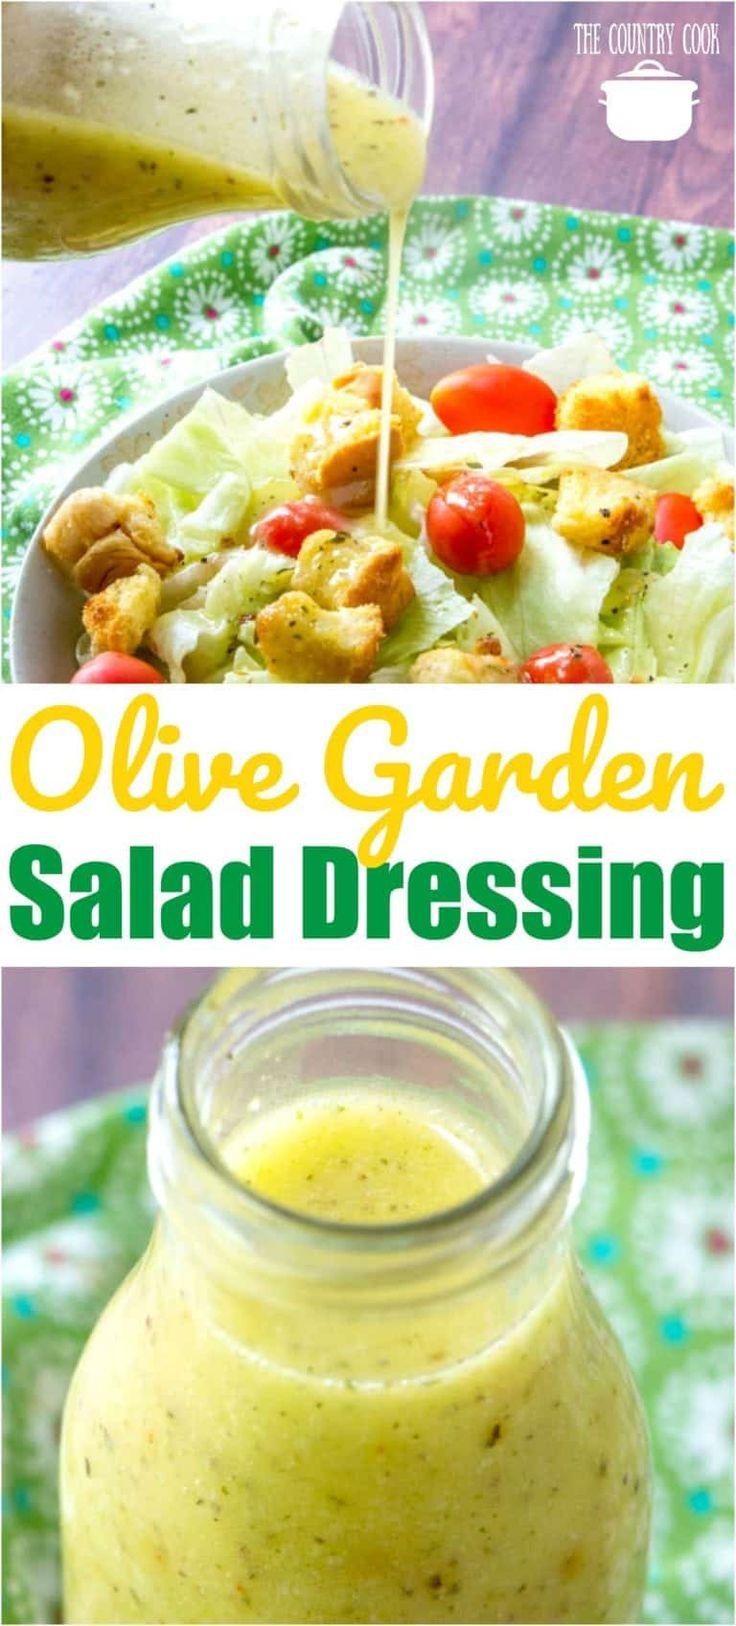 Hausgemachte Nachahmer Olive Garden Salad Dressing Rezept von The Country Cook #salad …   – Recipes